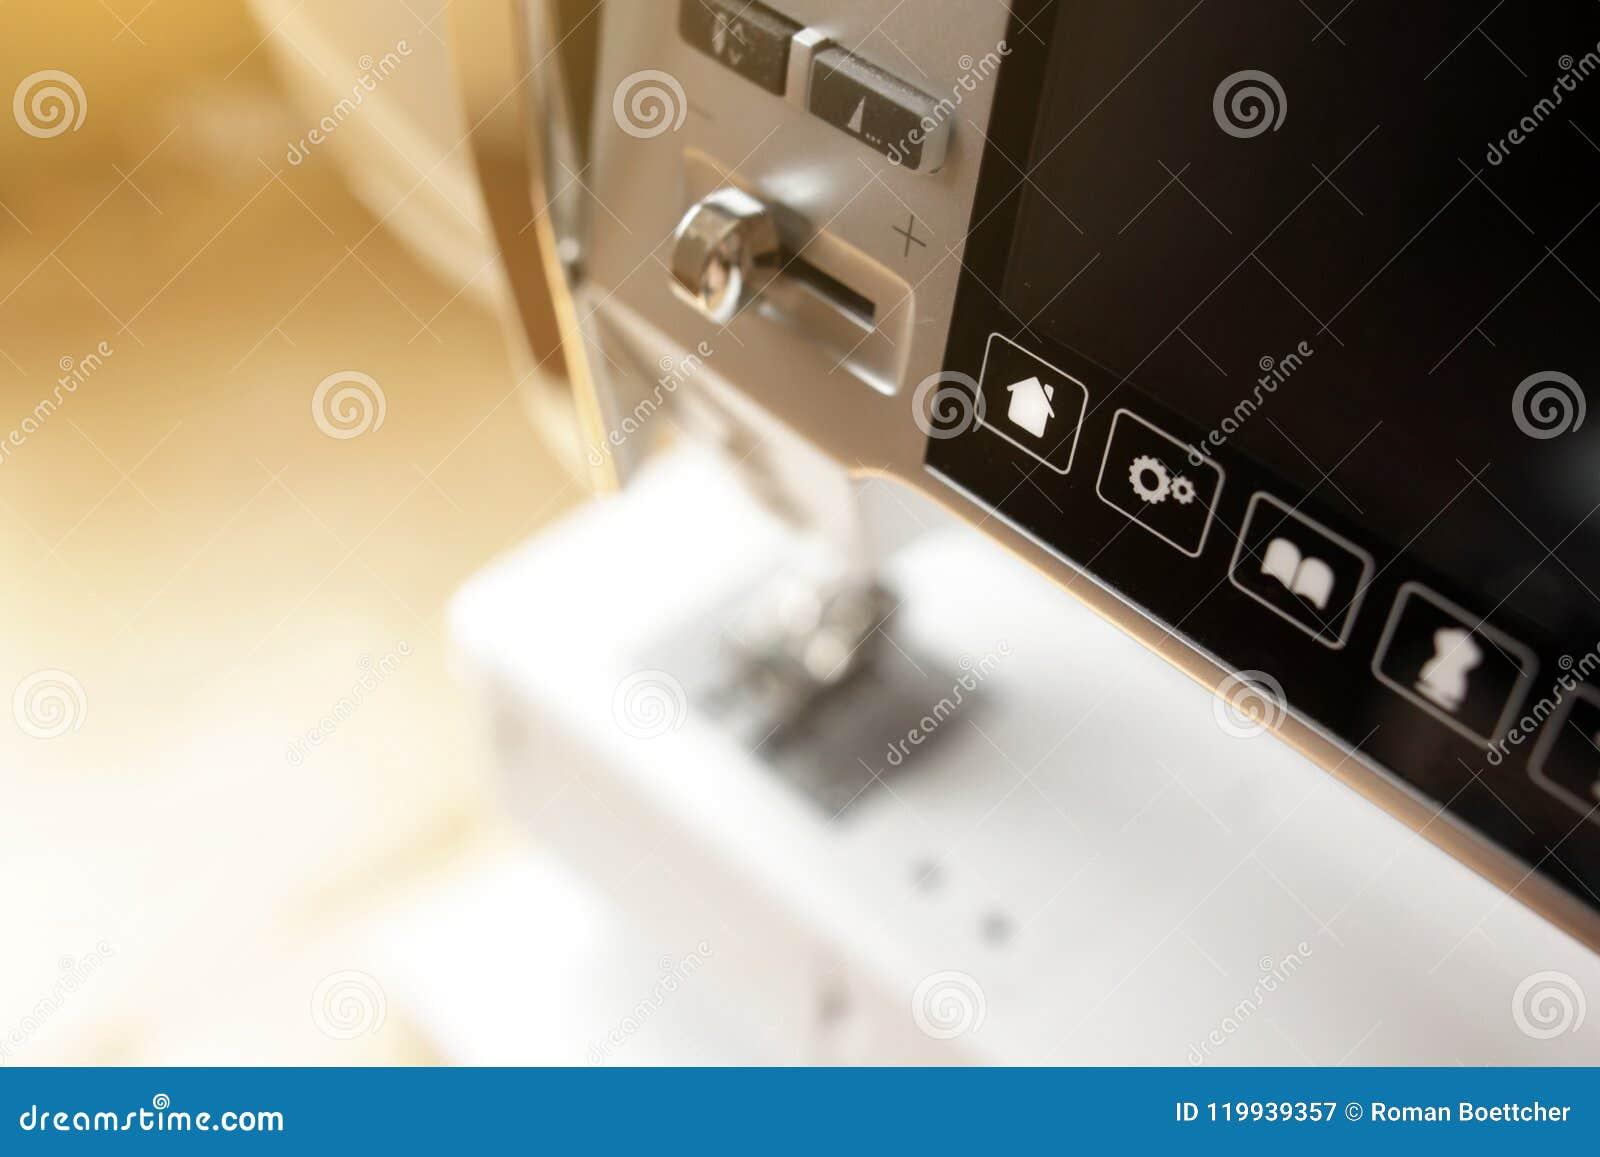 Feche acima da máquina de costura automatizada moderna na luz ensolarada brilhante - controle botões e écran sensível